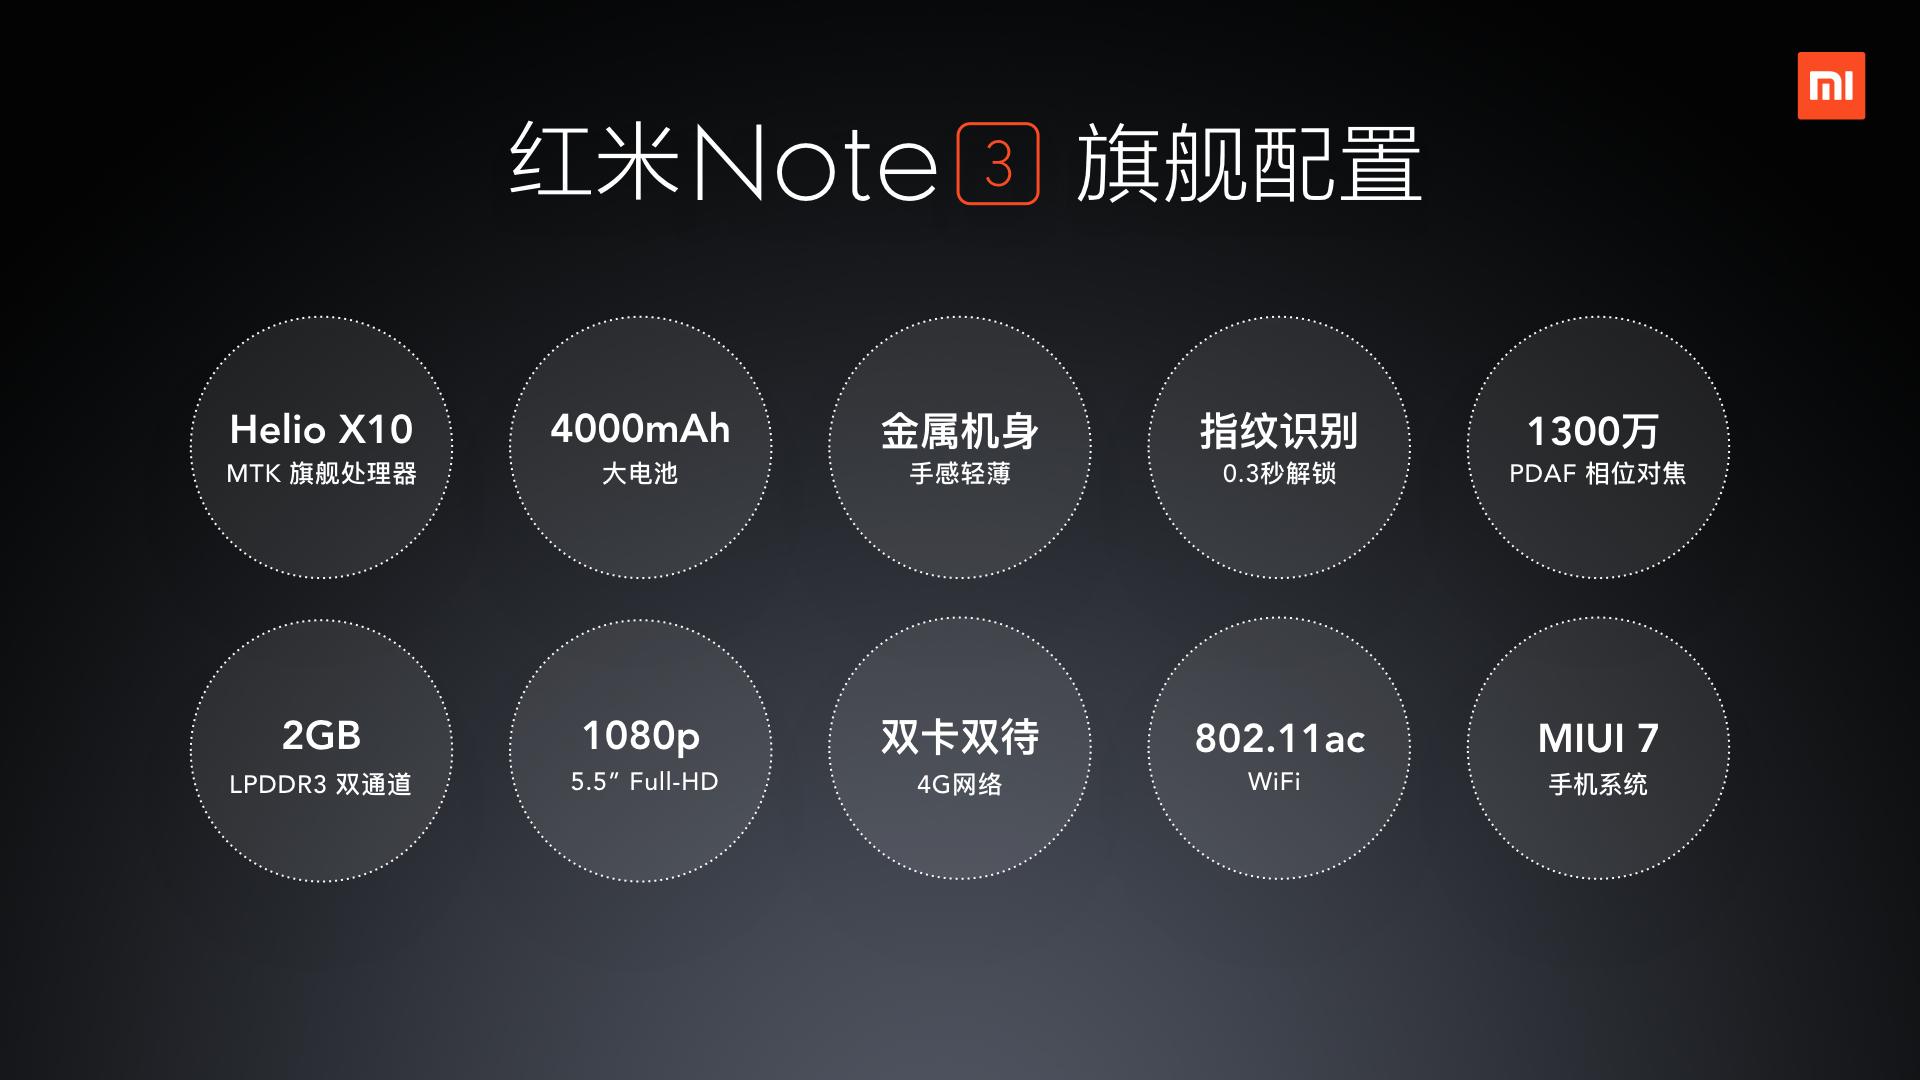 金属外壳指纹识别4000毫安时大充电电池 红米noteNote 3市场价899元